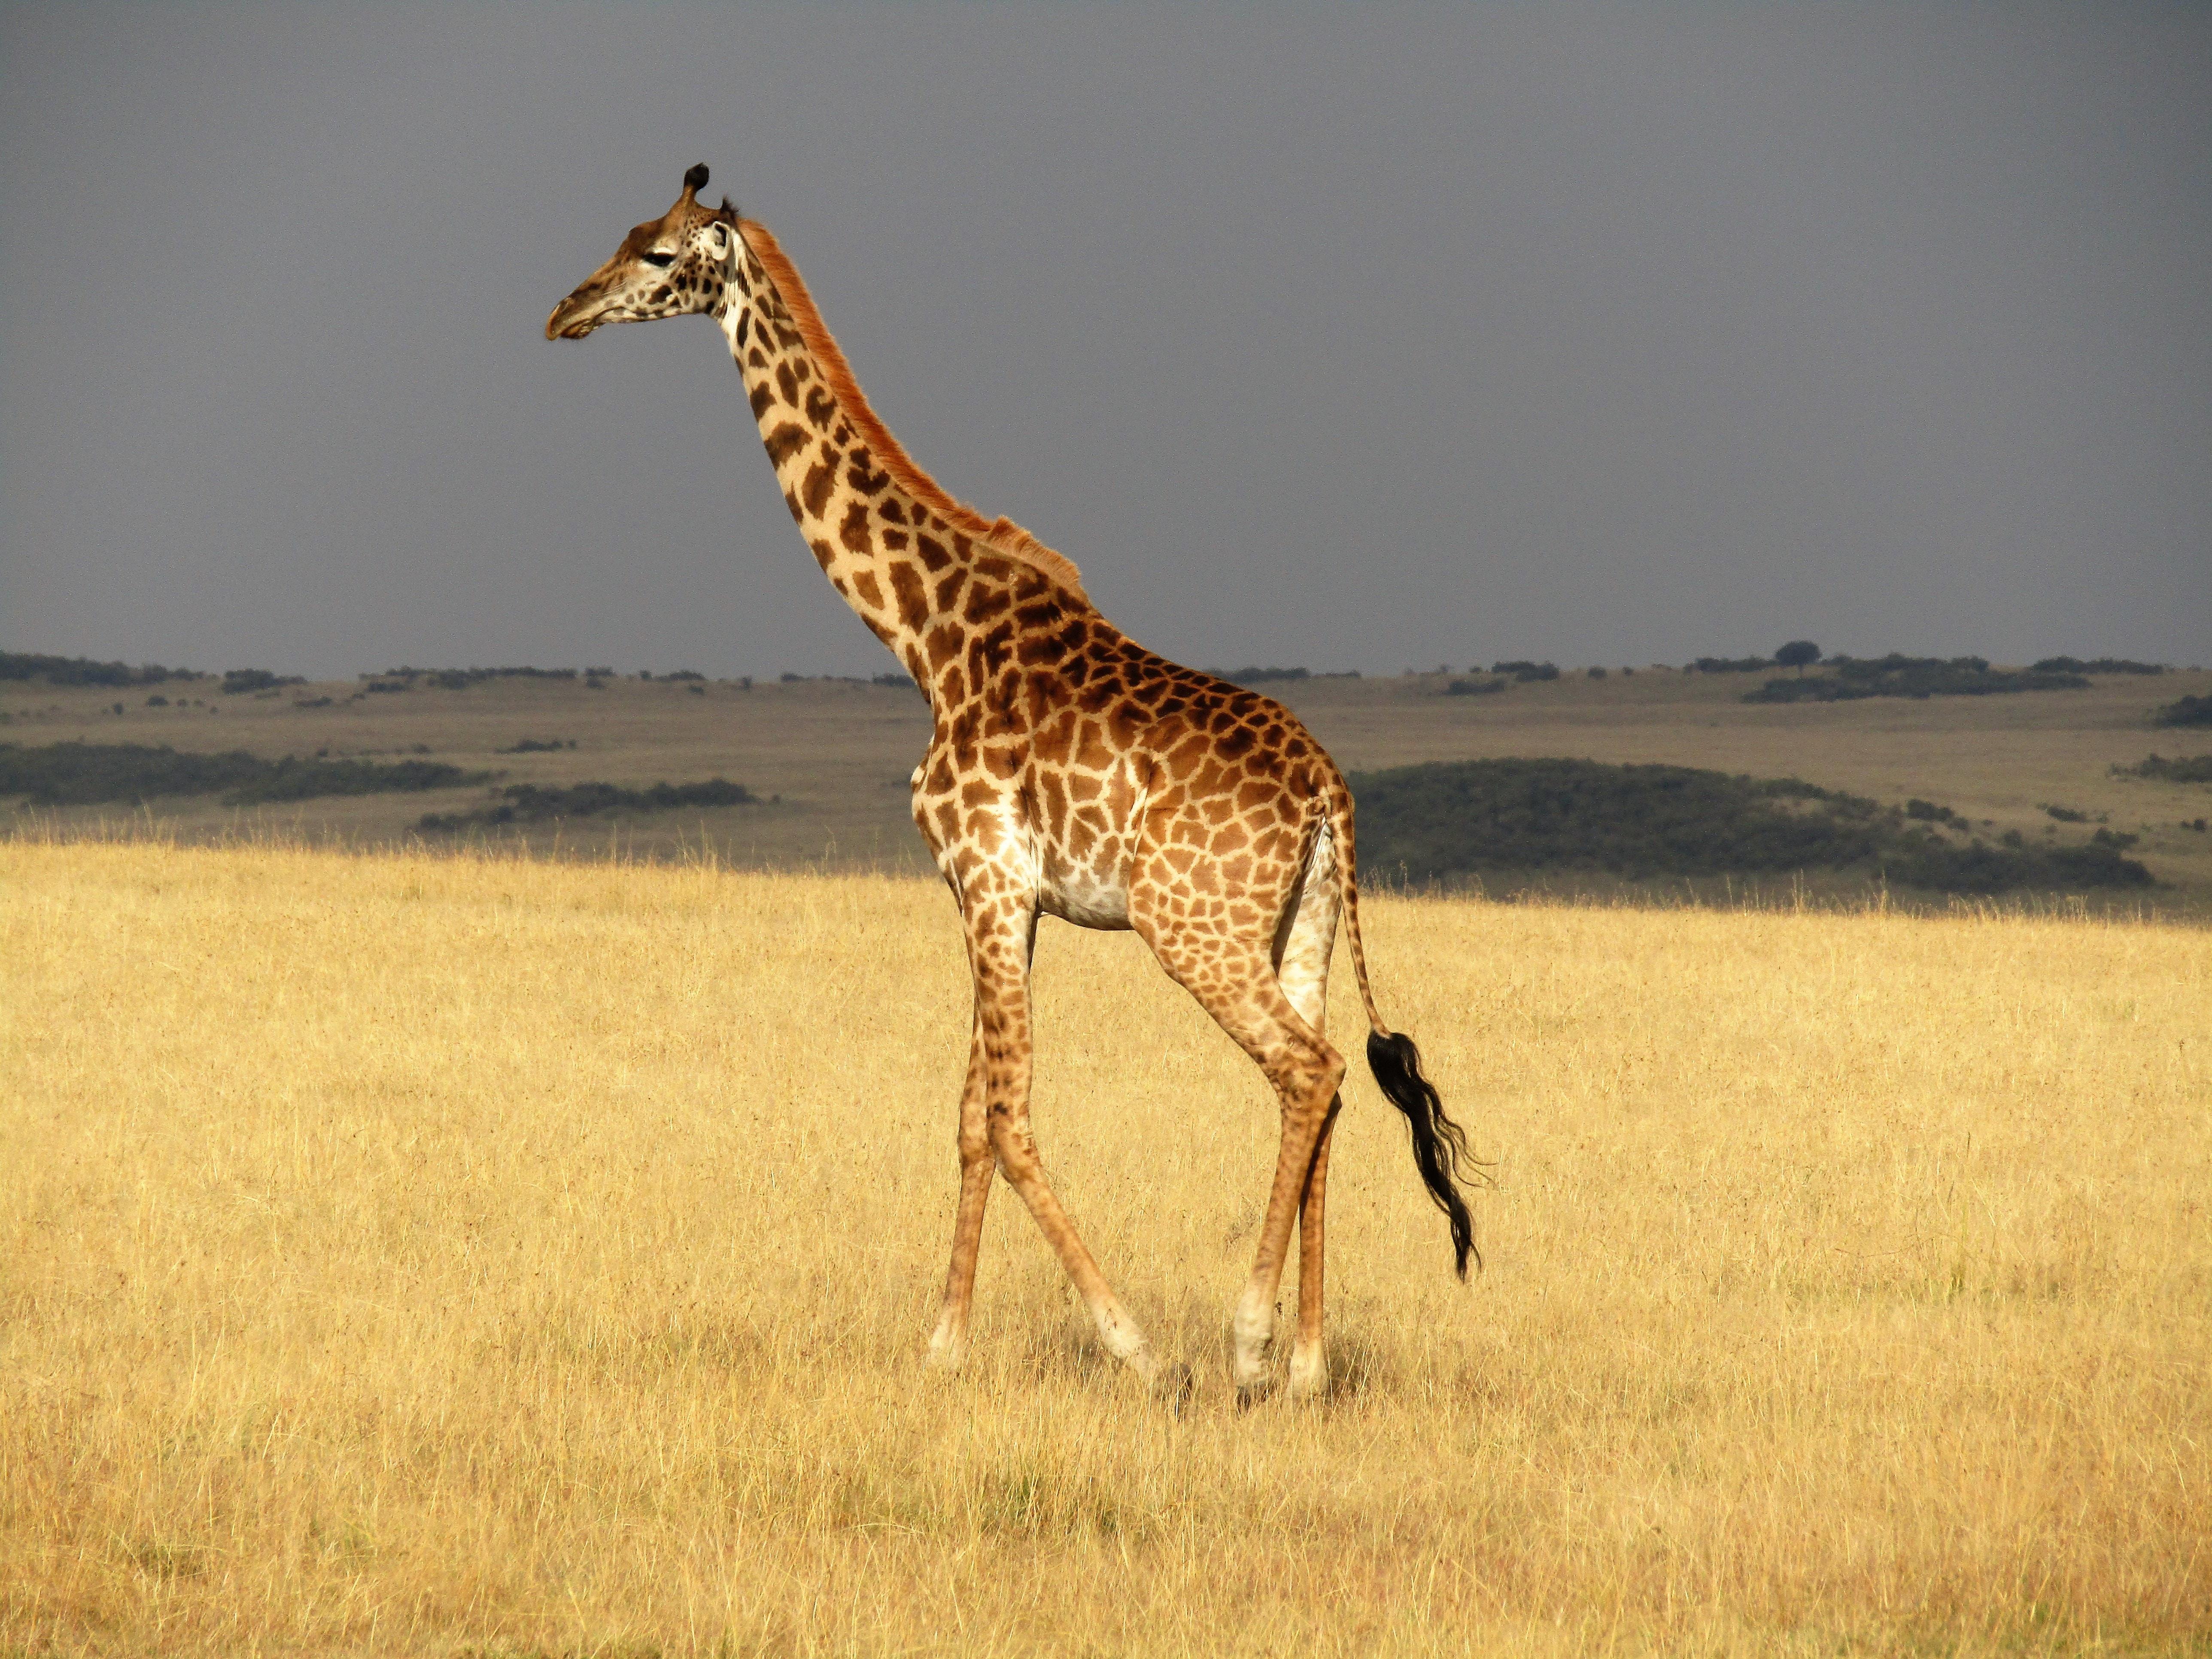 brown giraffe walking grass field